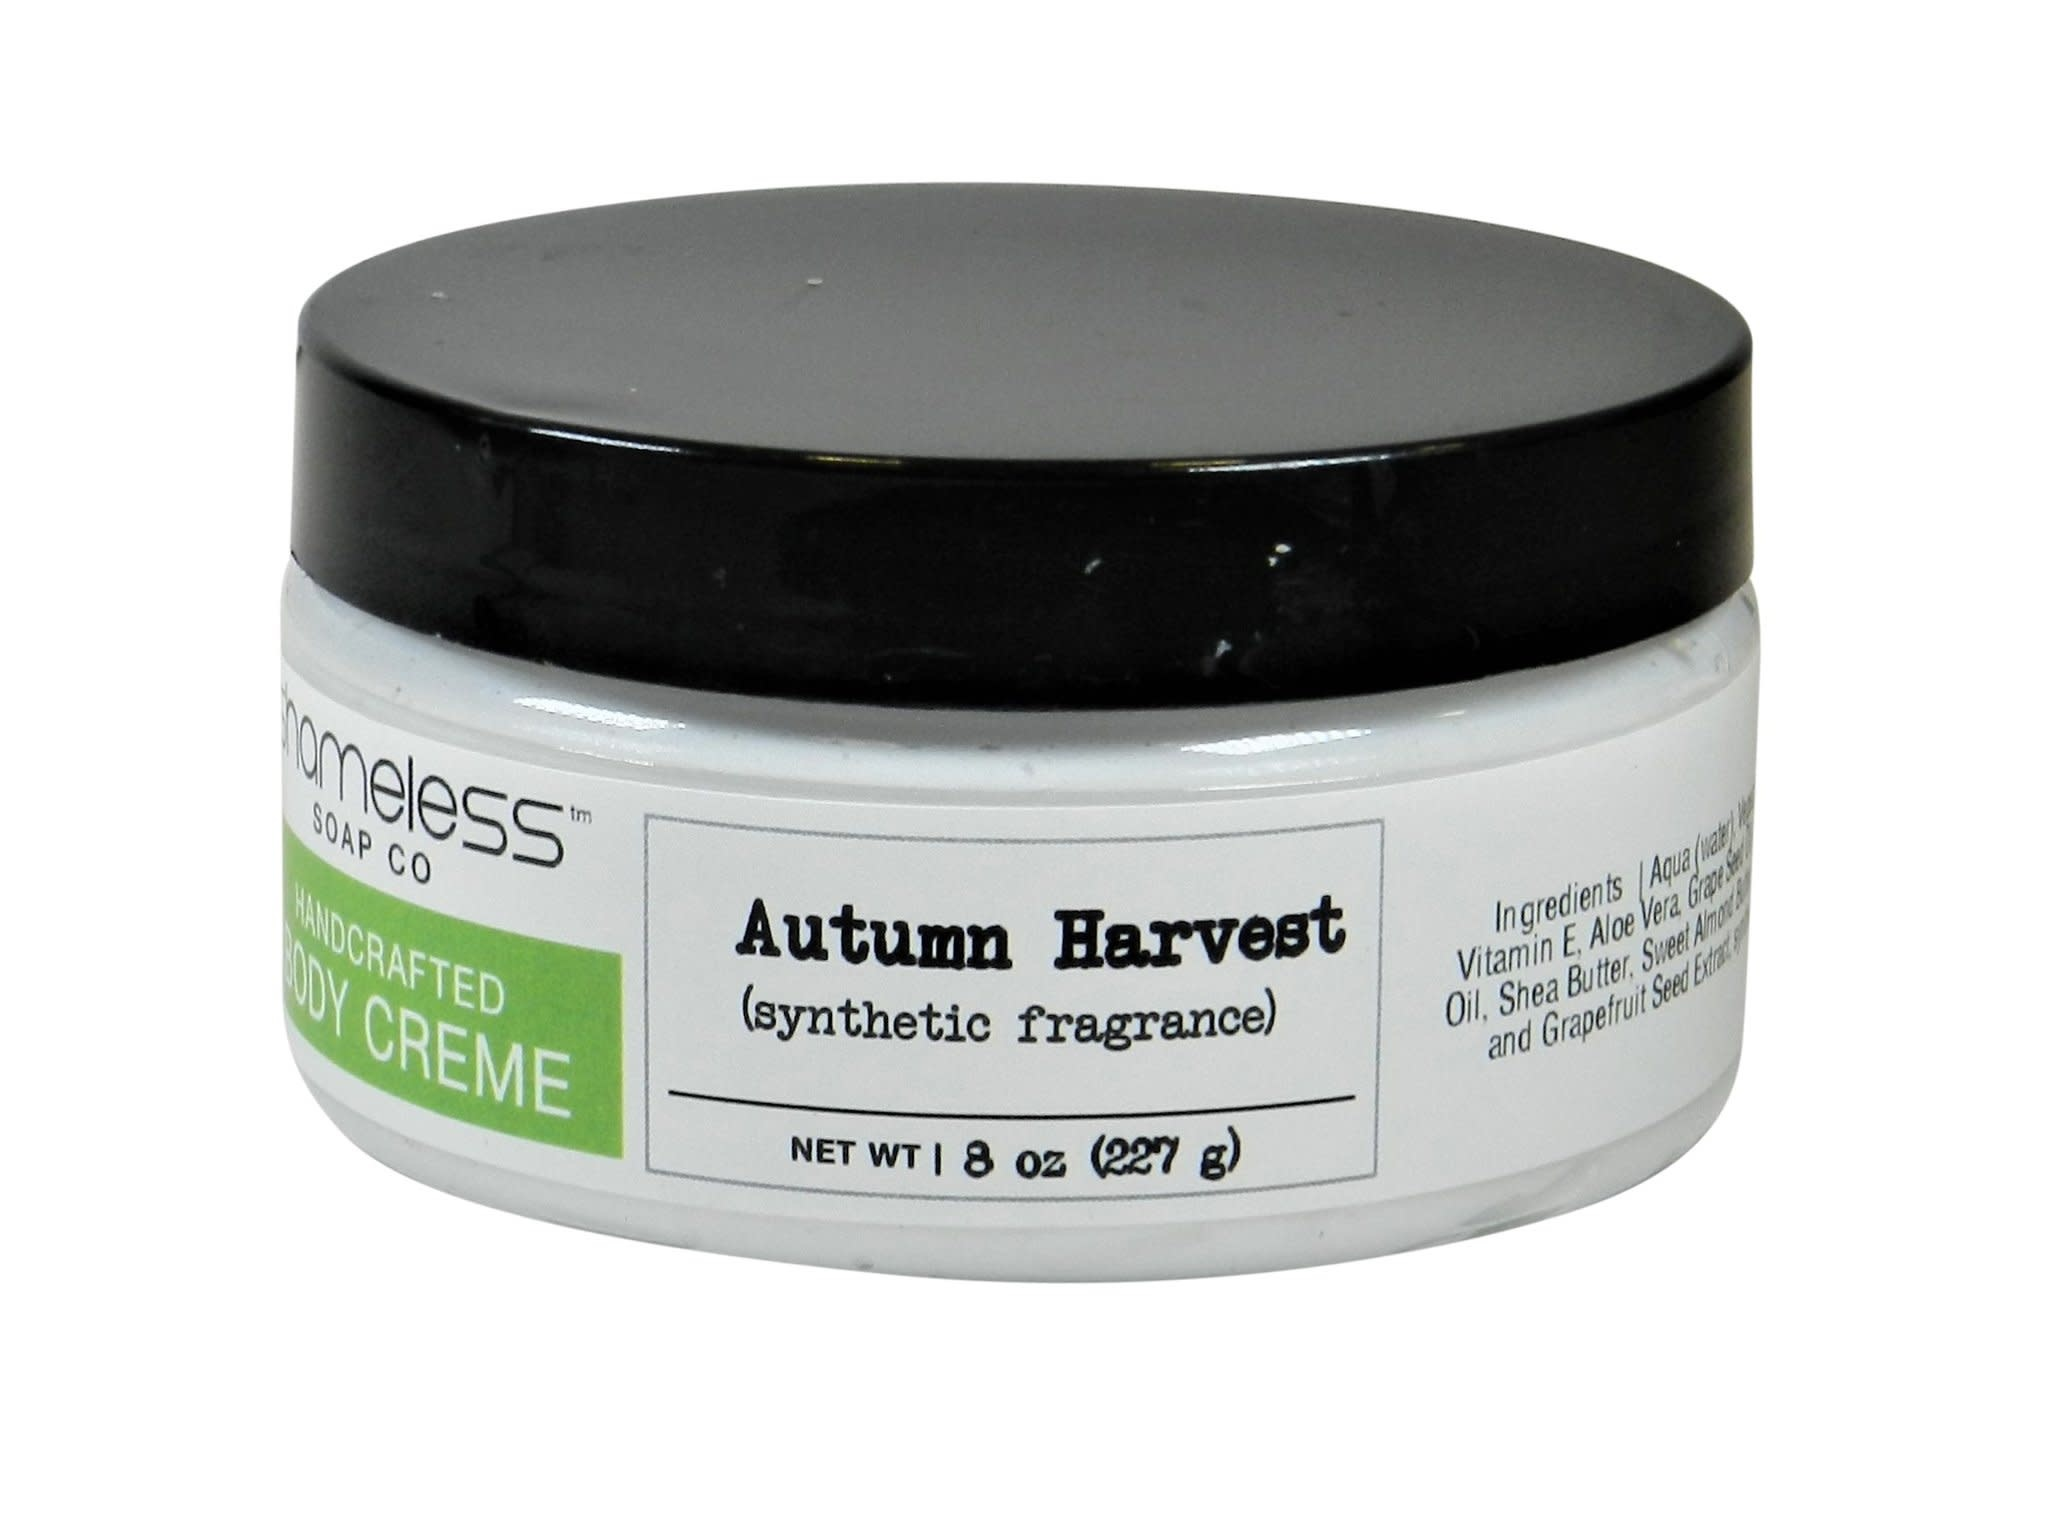 Shameless Soap Co Autumn Harvest Body Creme